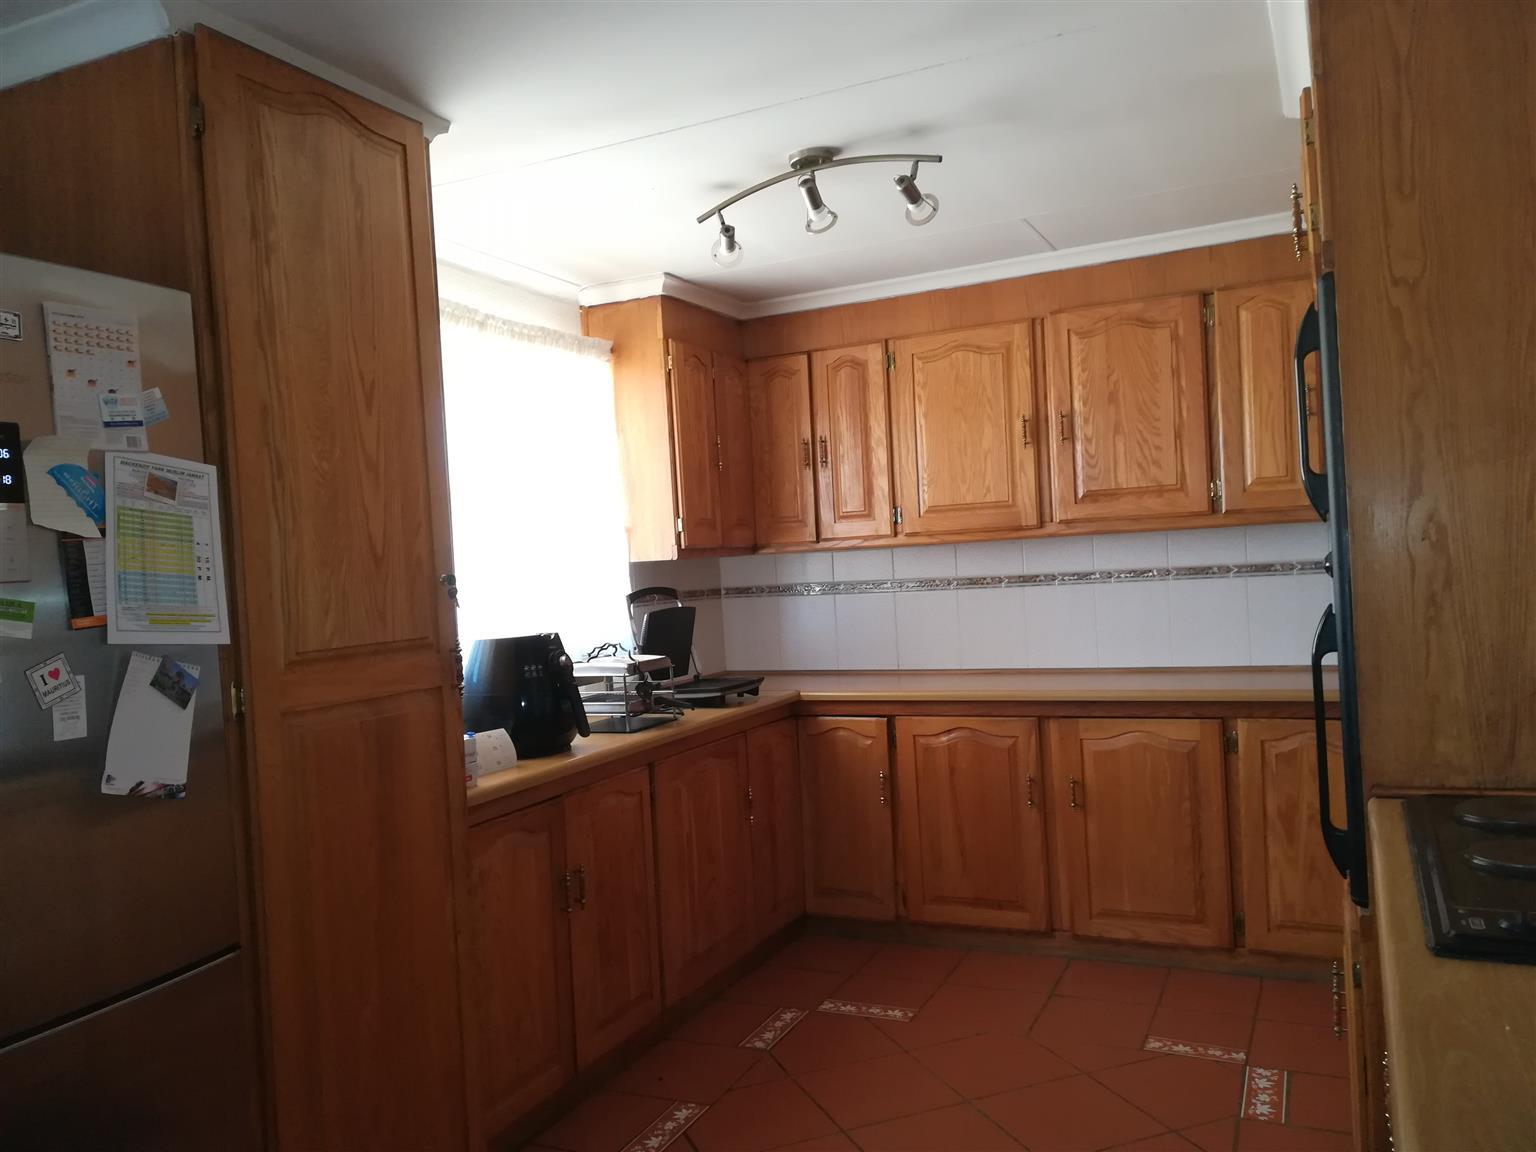 oak kitchen cupboards for sale junk mail rh junkmail co za wooden kitchen cupboards images wooden kitchen cupboards for sale